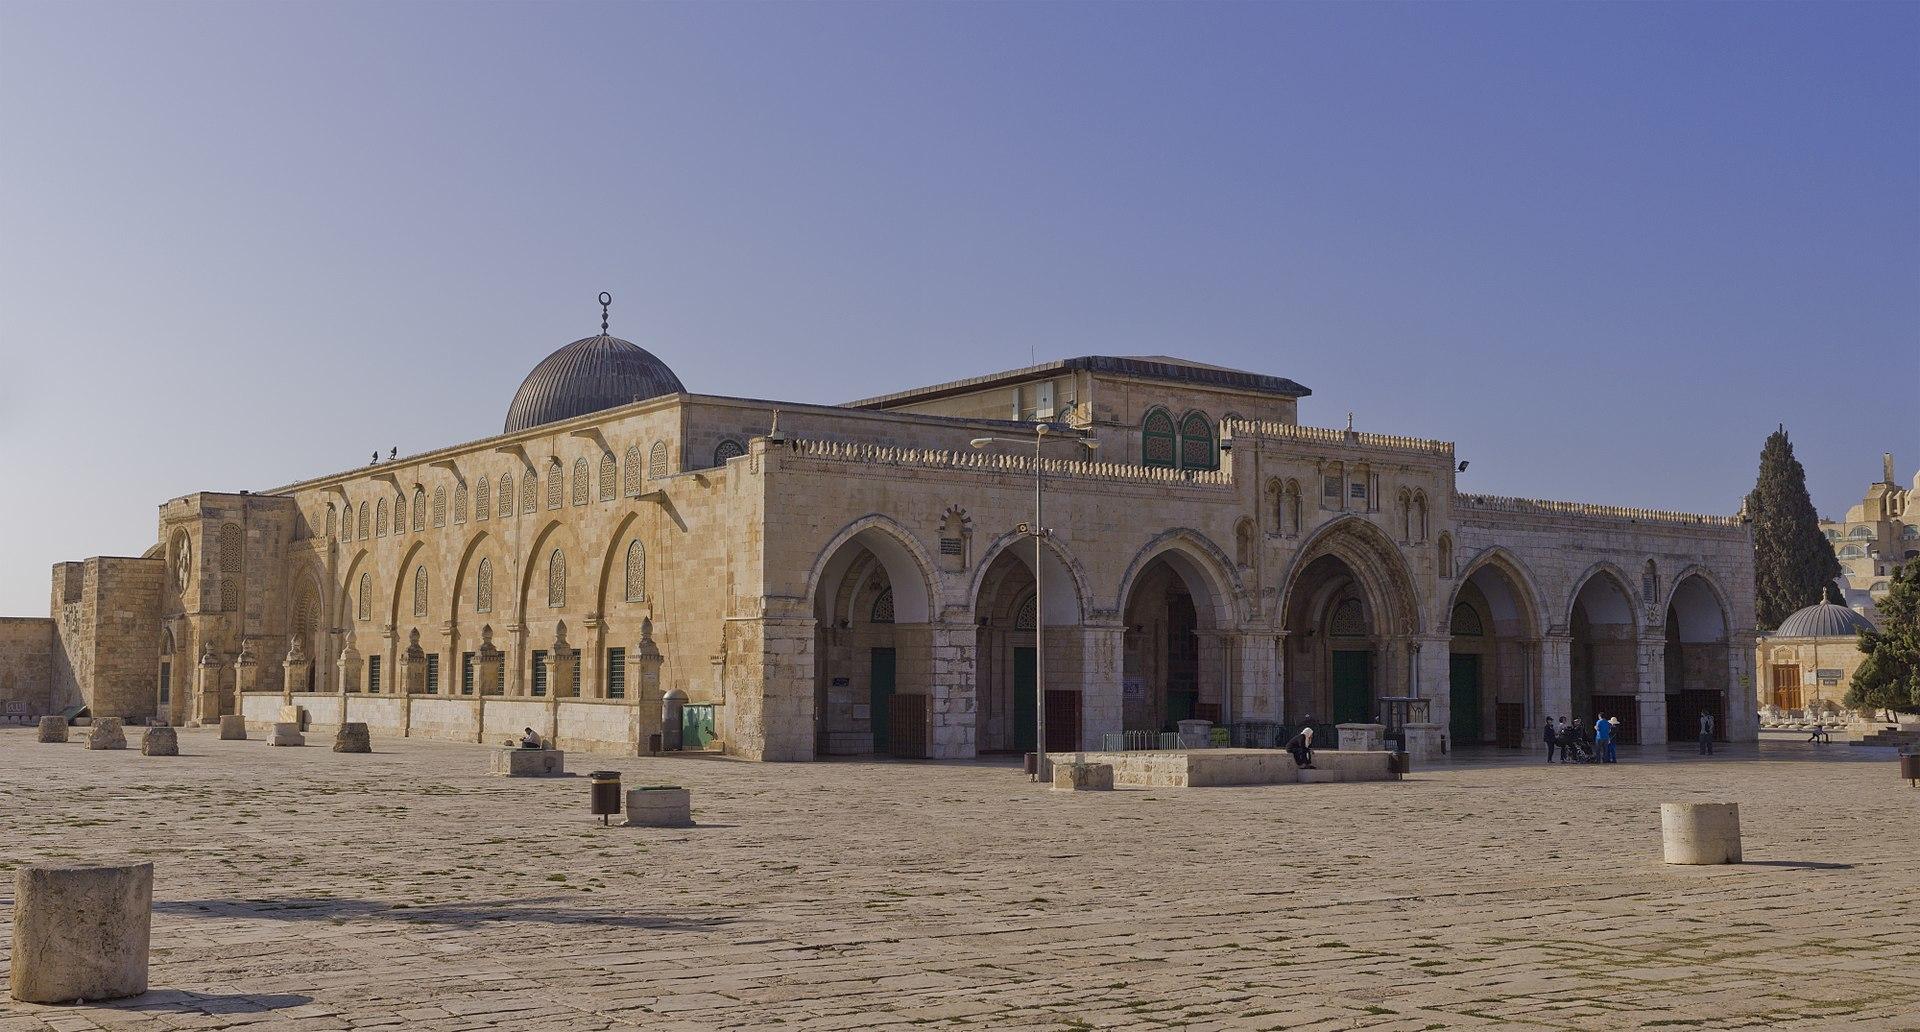 무함마드가 메카에서 천마를 타고 순식간에 예루살렘의 성전산에 도착한 뒤 하늘로 승천했다는 장소에 들어선 알아크사 모스크. [위키피디아]